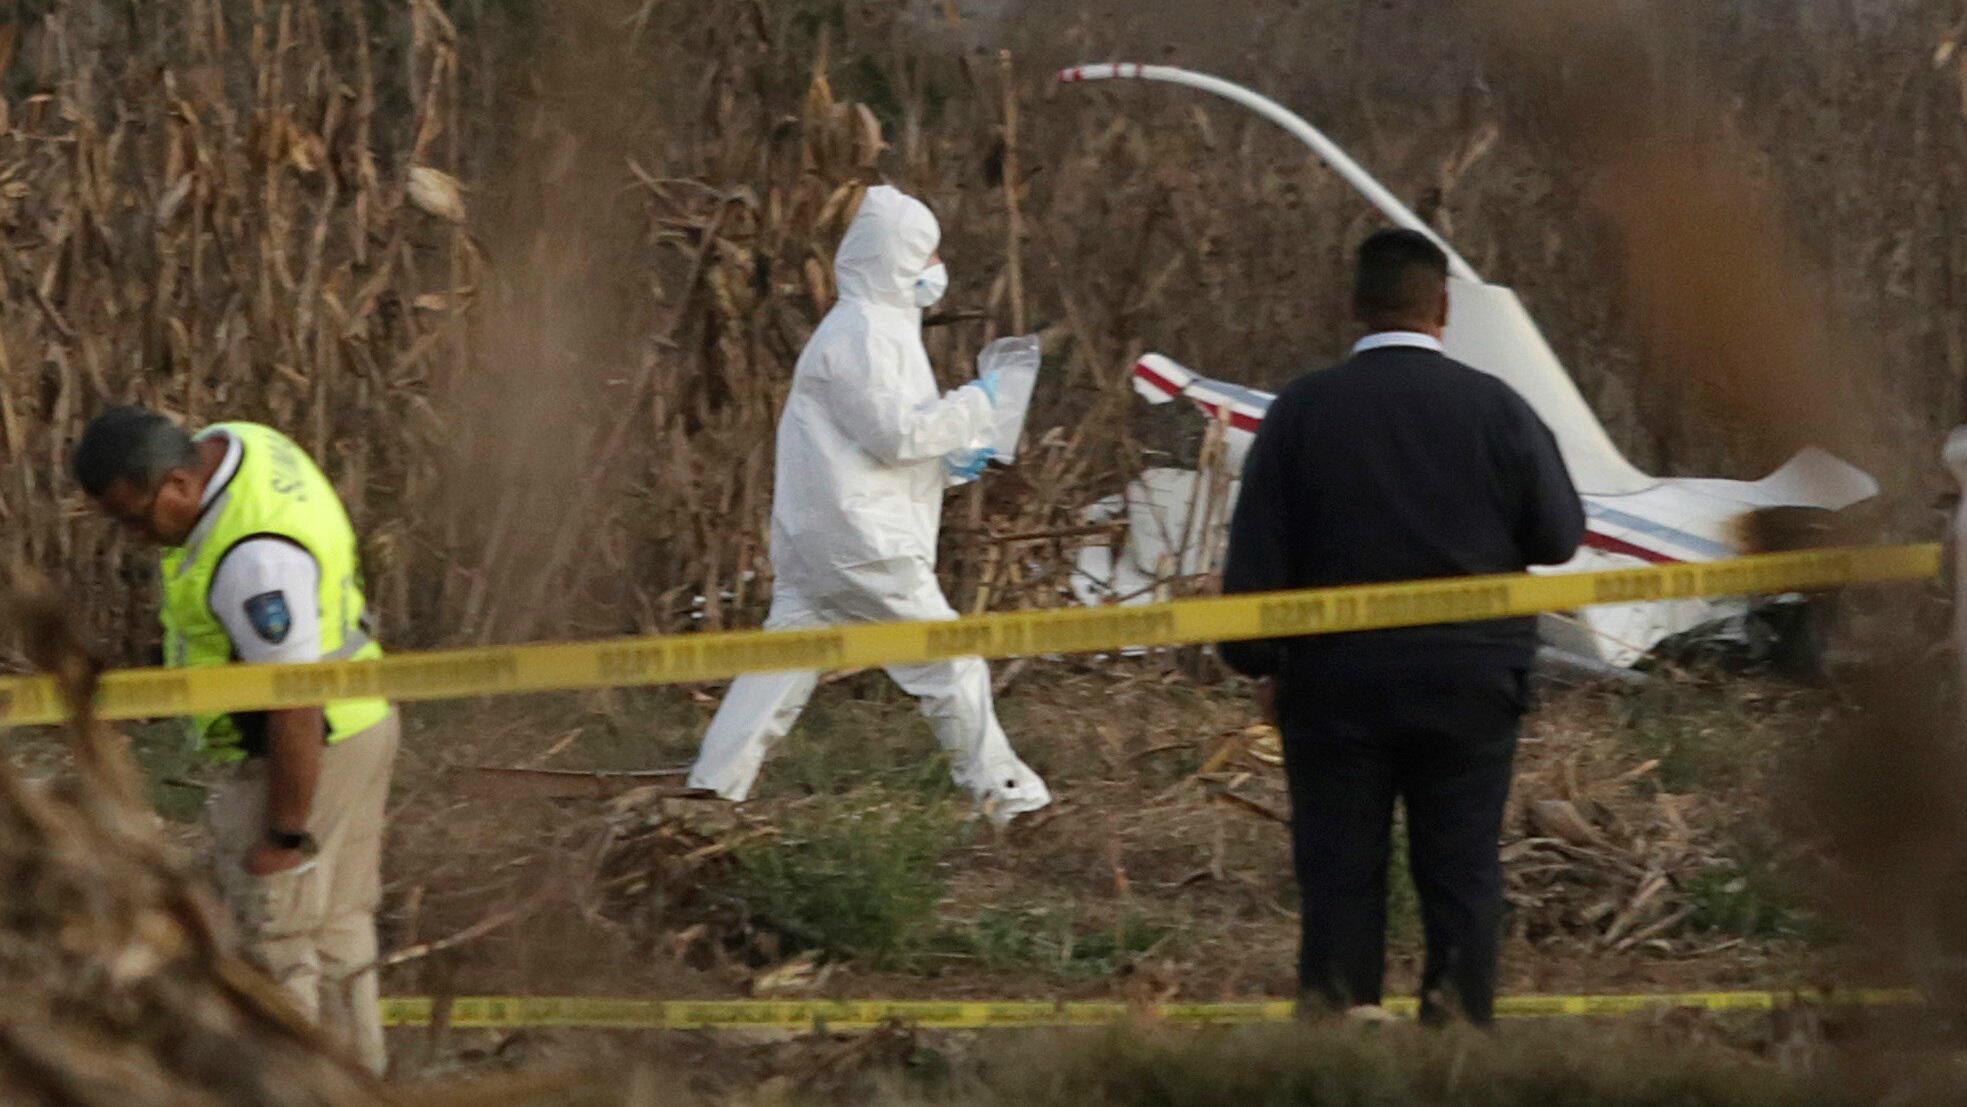 Expertos trabajan en torno a los restos de la aeronave donde viajaban la actual gobernadora de Puebla, Martha Erika Alonso, y su esposo, el exgobernador de Puebla, Rafael Moreno Valle, el 24 de diciembre de 2018.